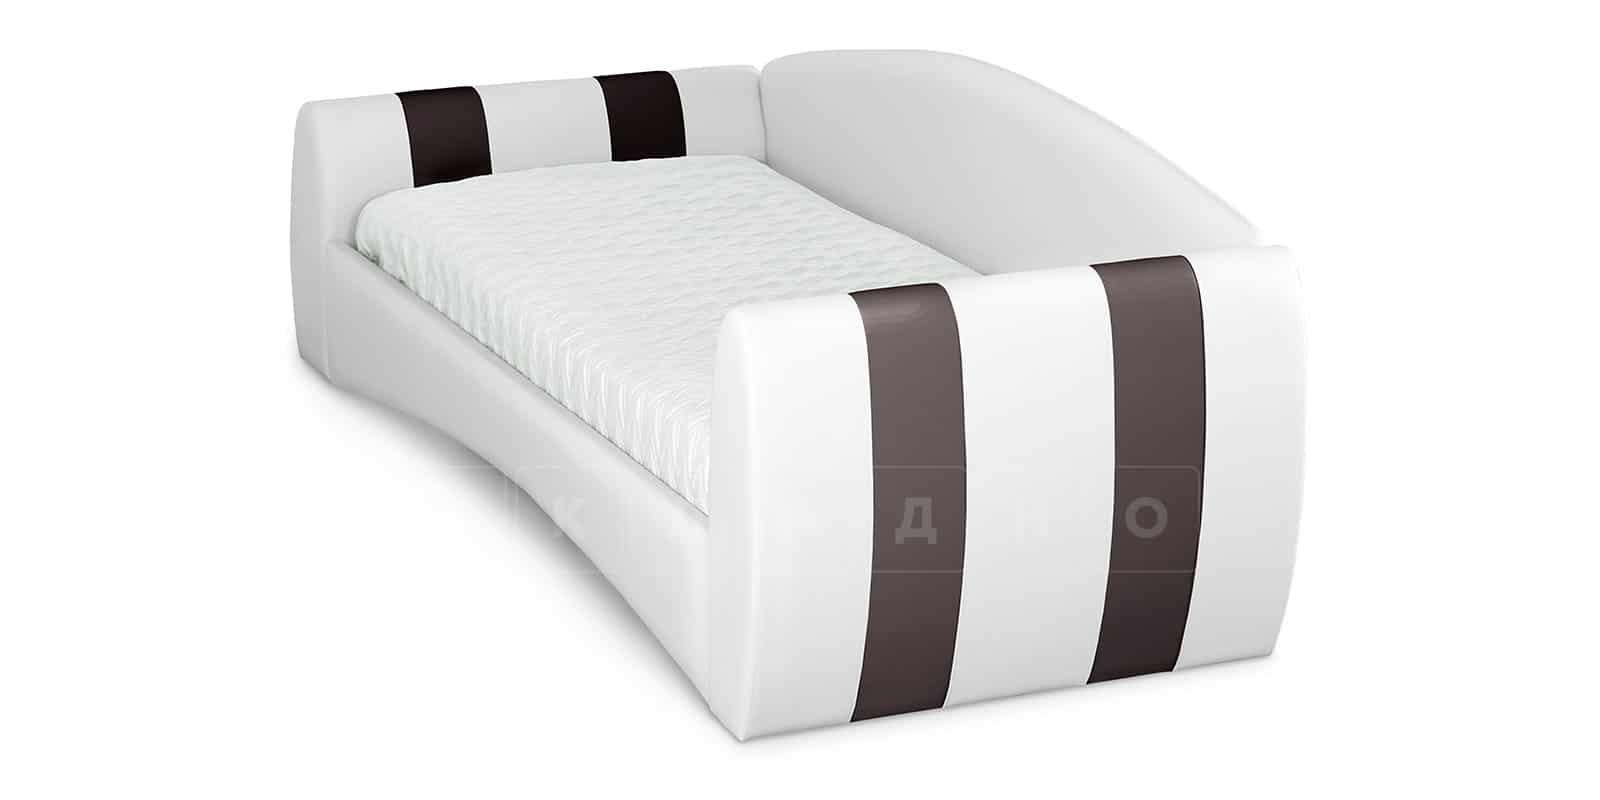 Мягкая кровать Монако 90х190см белого цвета правая фото 4 | интернет-магазин Складно